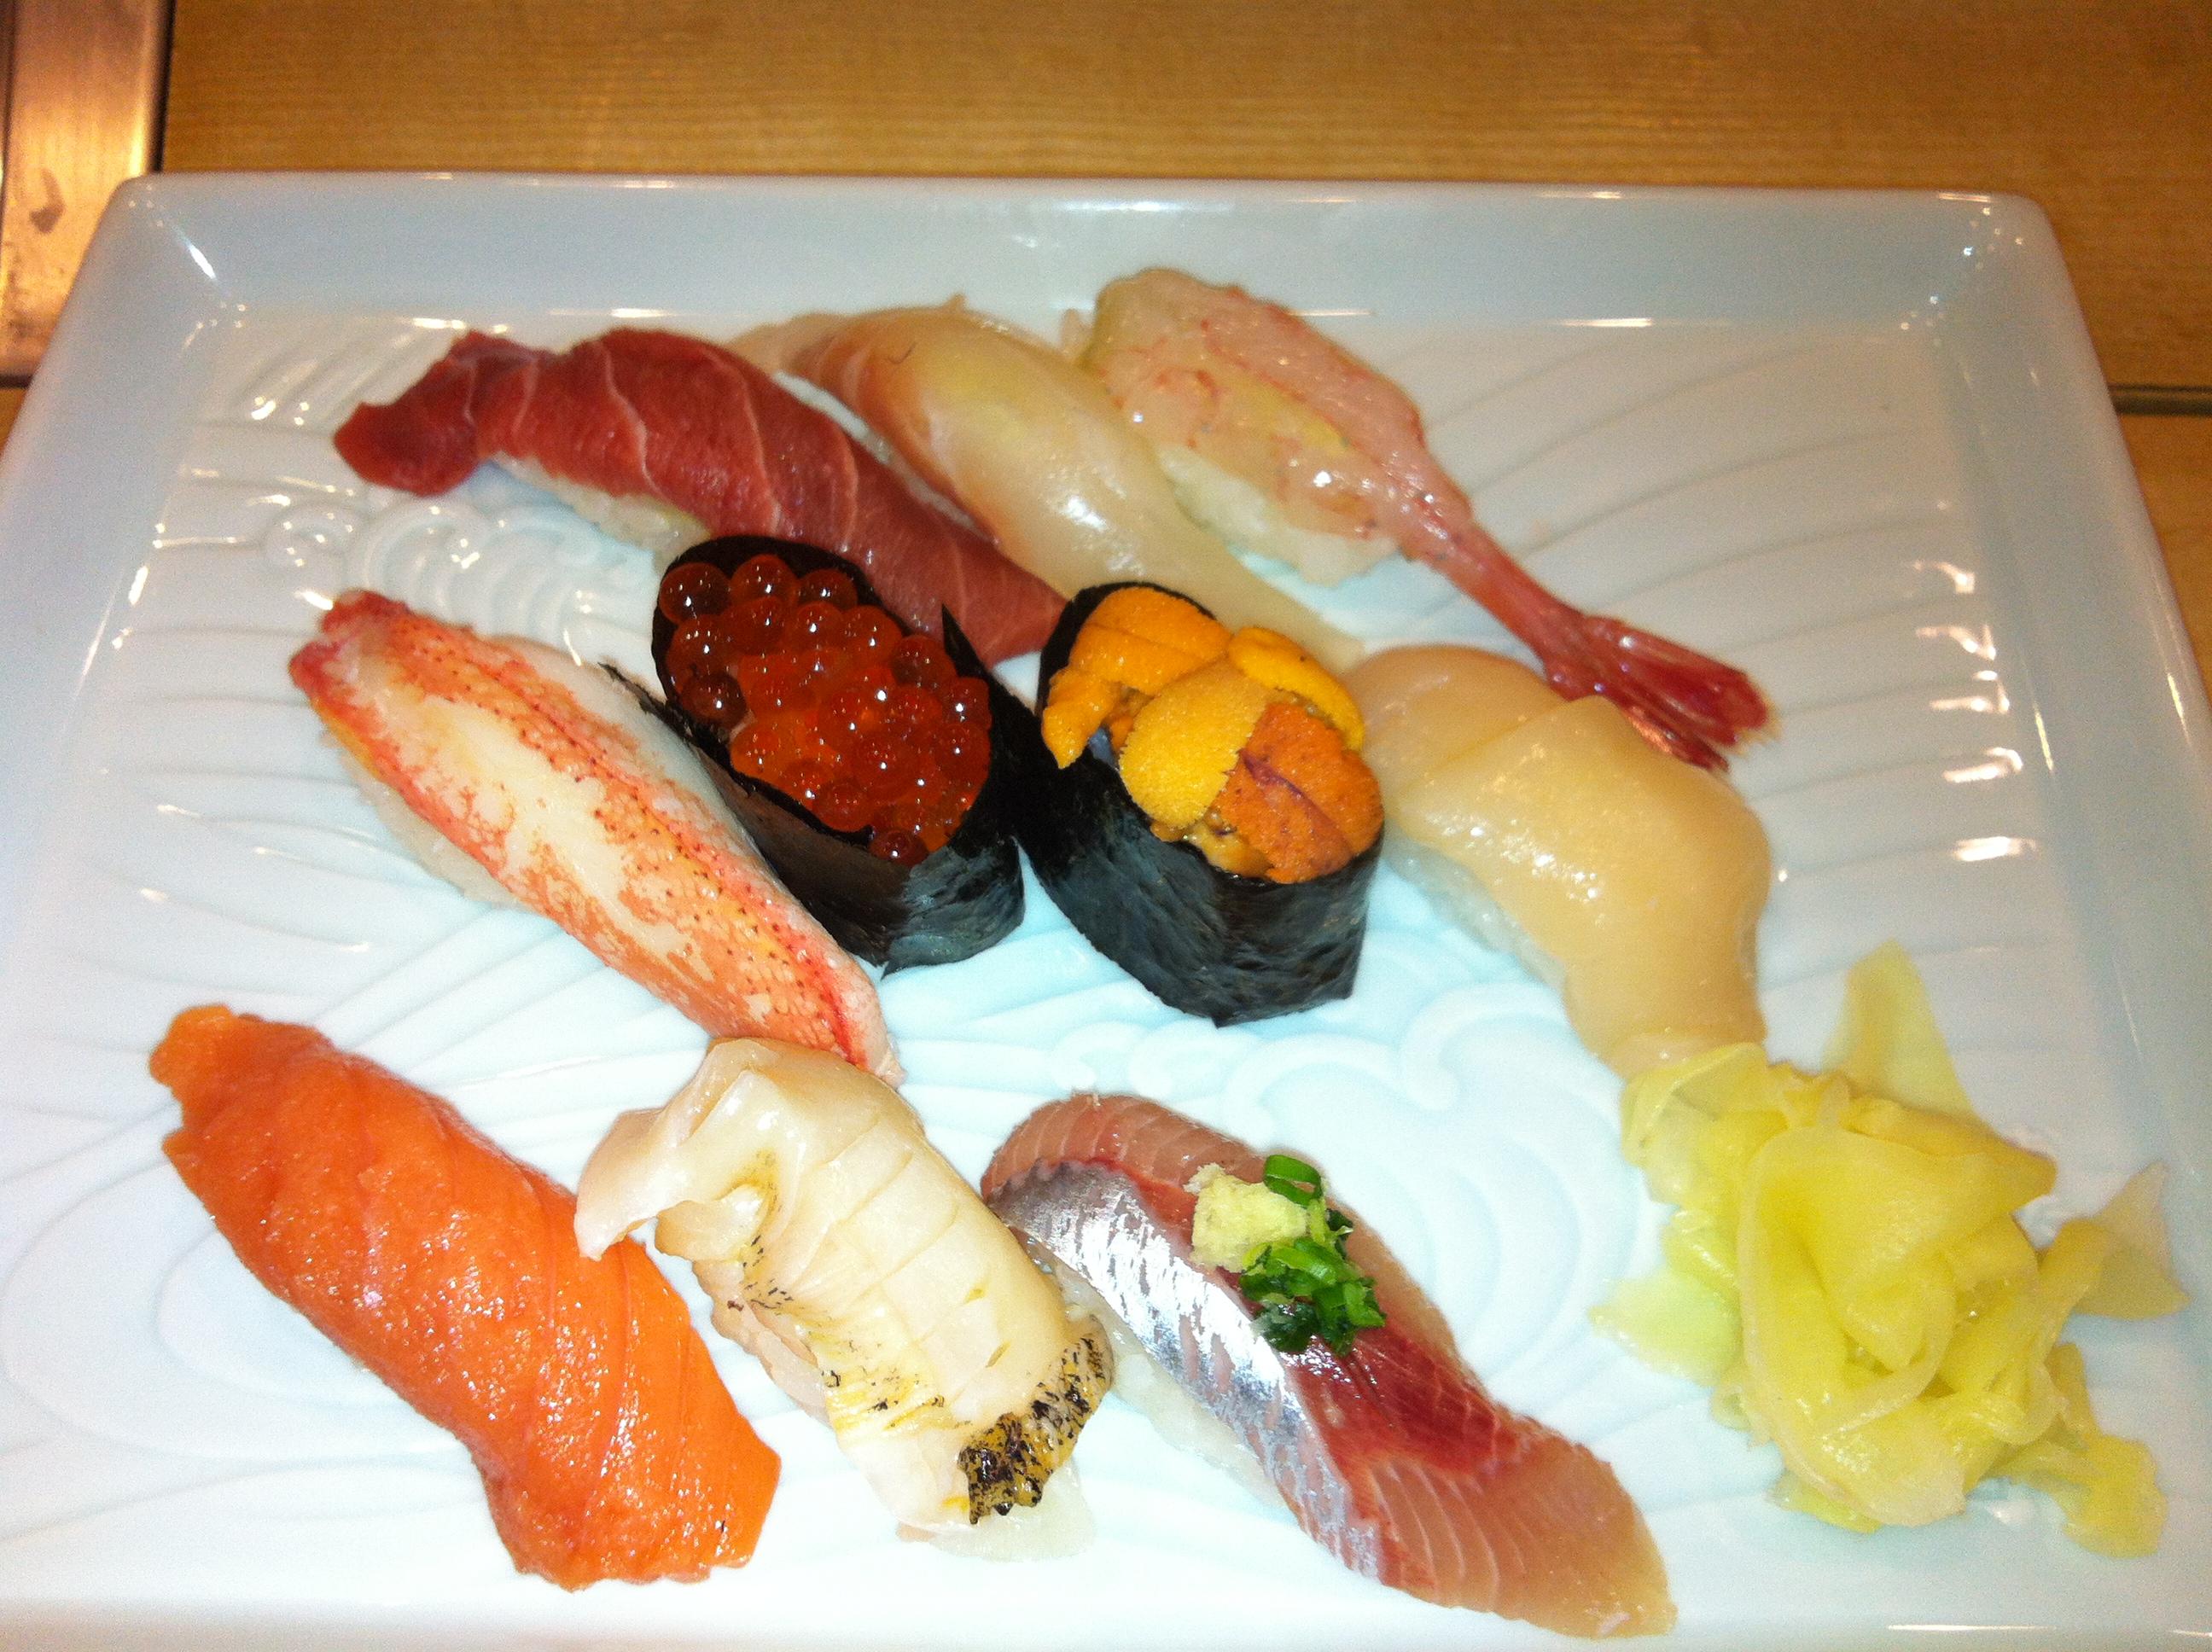 """<div class=""""at-above-post-cat-page addthis_tool"""" data-url=""""http://www.sonyan.fr/pays-des-sushi-volants/ca-caille-do-le-narnia-poponais/""""></div>Un billet que j'ai promis à de nombreux proches à l'occasion de mon voyage à Hokkaido au mois de février. Oui bon, trois mois plus tard c'est un peu un […]<!-- AddThis Advanced Settings above via filter on get_the_excerpt --><!-- AddThis Advanced Settings below via filter on get_the_excerpt --><!-- AddThis Advanced Settings generic via filter on get_the_excerpt --><!-- AddThis Share Buttons above via filter on get_the_excerpt --><!-- AddThis Share Buttons below via filter on get_the_excerpt --><div class=""""at-below-post-cat-page addthis_tool"""" data-url=""""http://www.sonyan.fr/pays-des-sushi-volants/ca-caille-do-le-narnia-poponais/""""></div><!-- AddThis Share Buttons generic via filter on get_the_excerpt -->"""